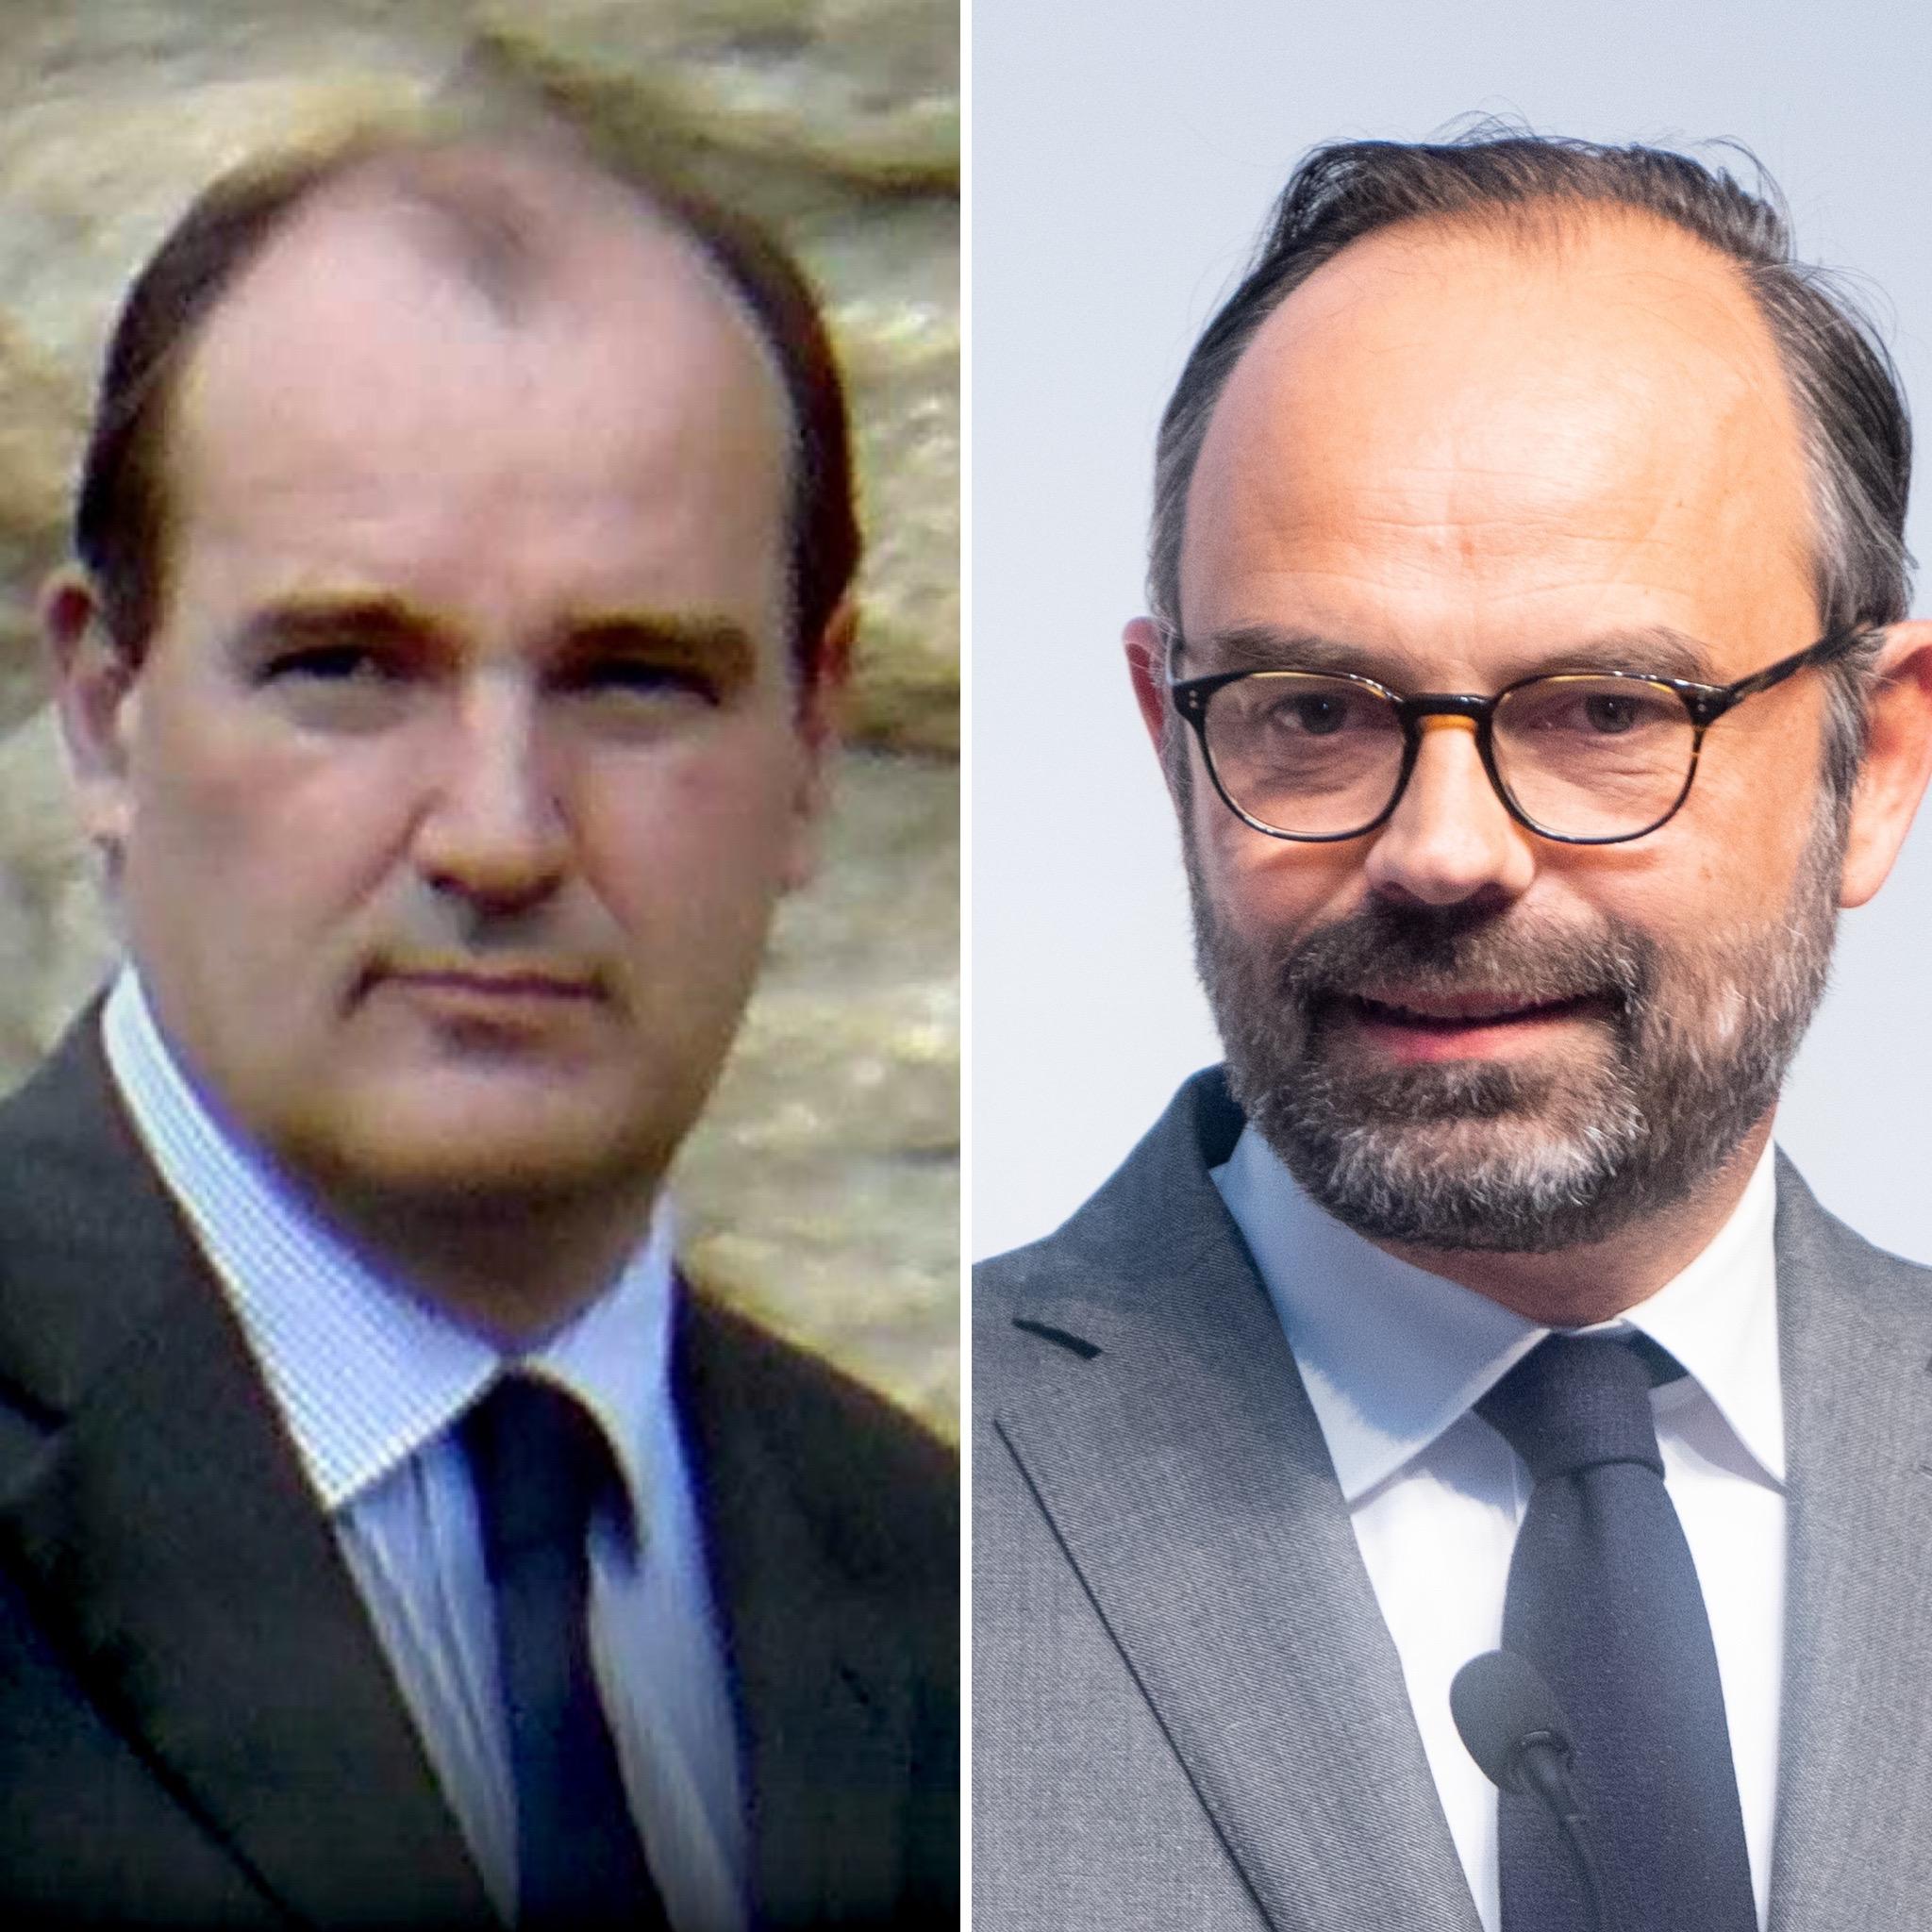 Démissions du gouvernement : Jean Castex remplace Édouard Philippe à Matignon